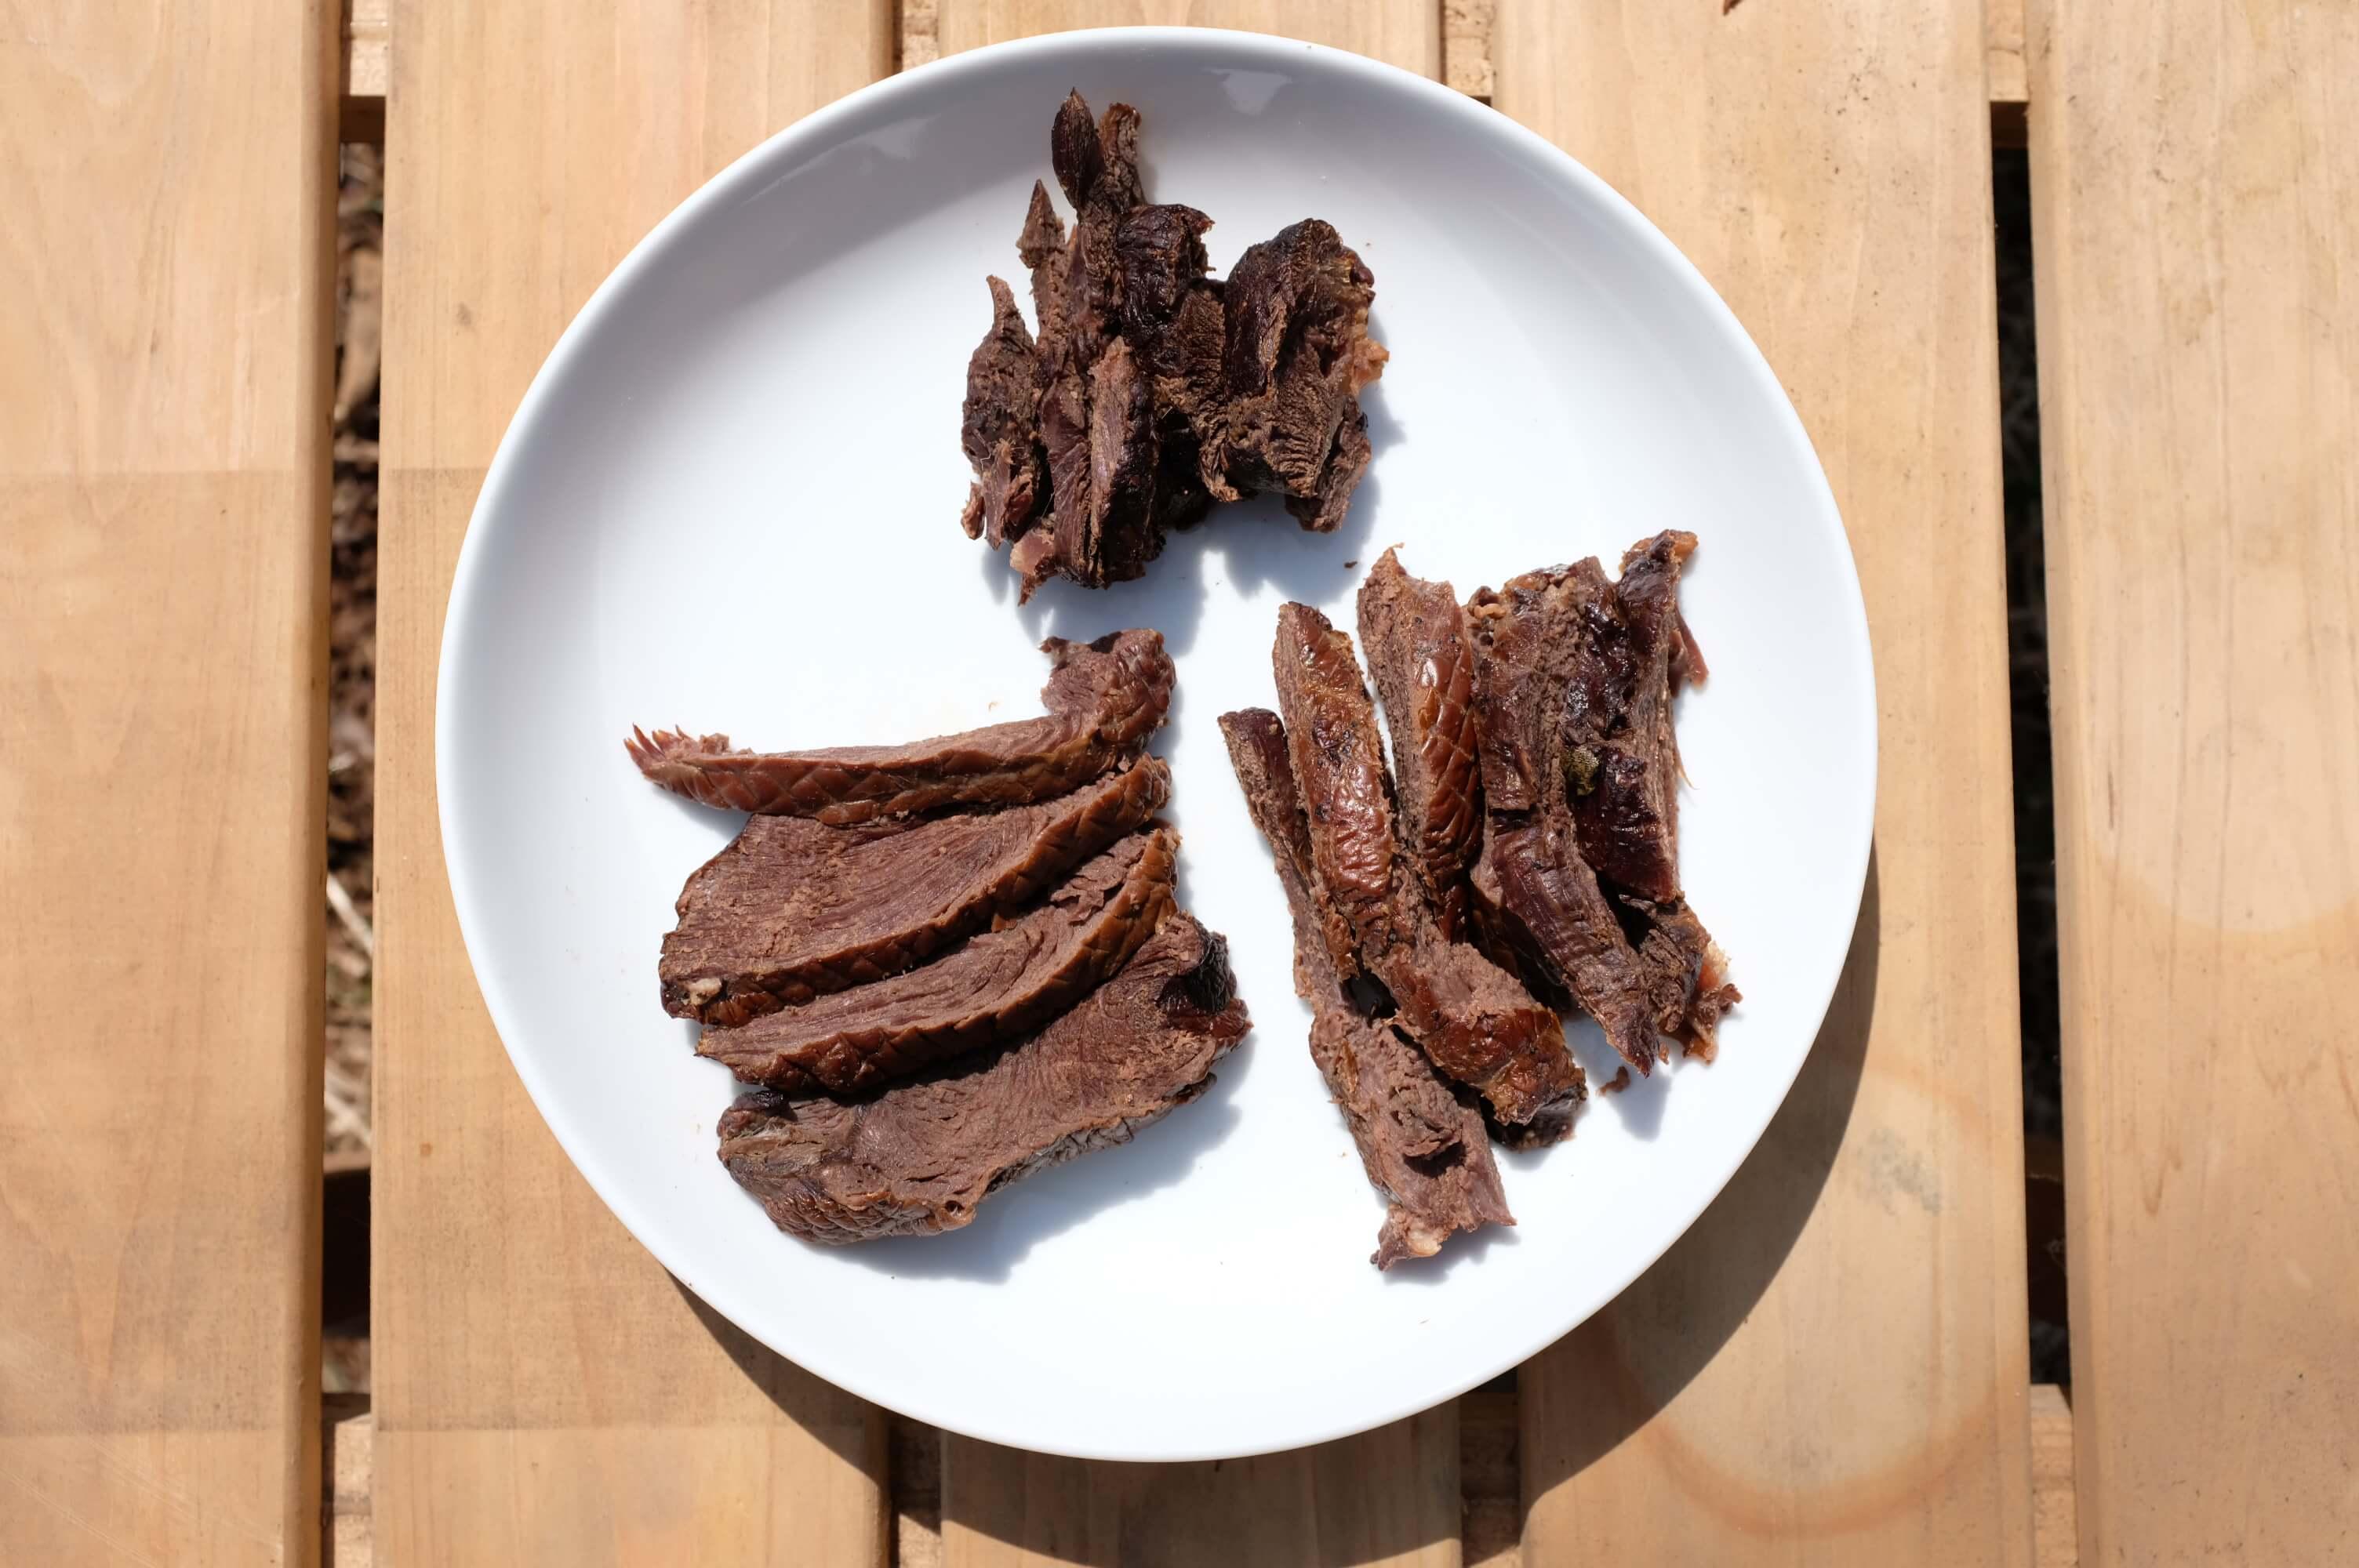 取り 臭み 鹿 肉 シカ肉~捕獲から解体まで